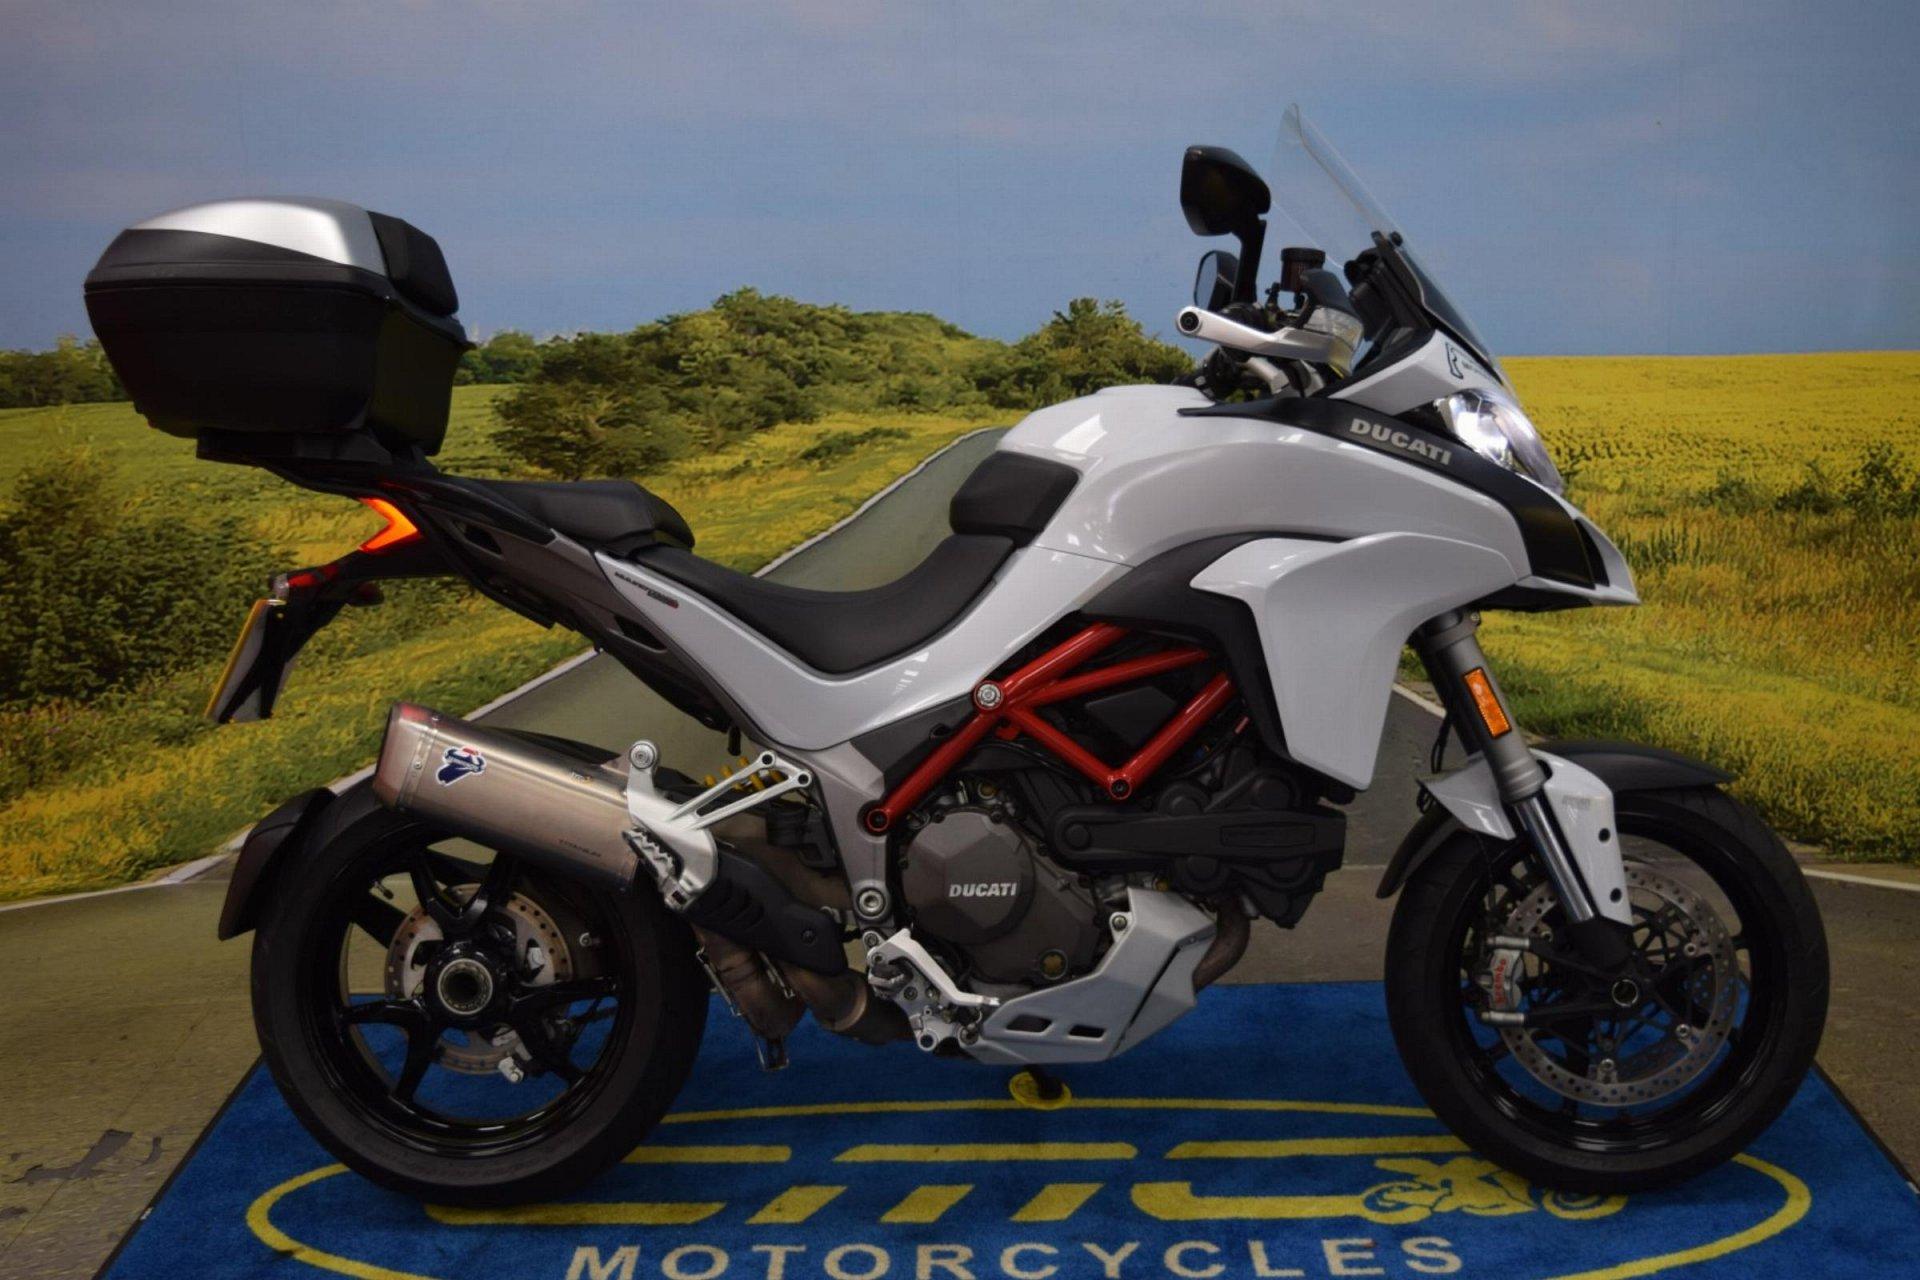 2015 Ducati Multistrada 1200 S for sale in Staffordshire